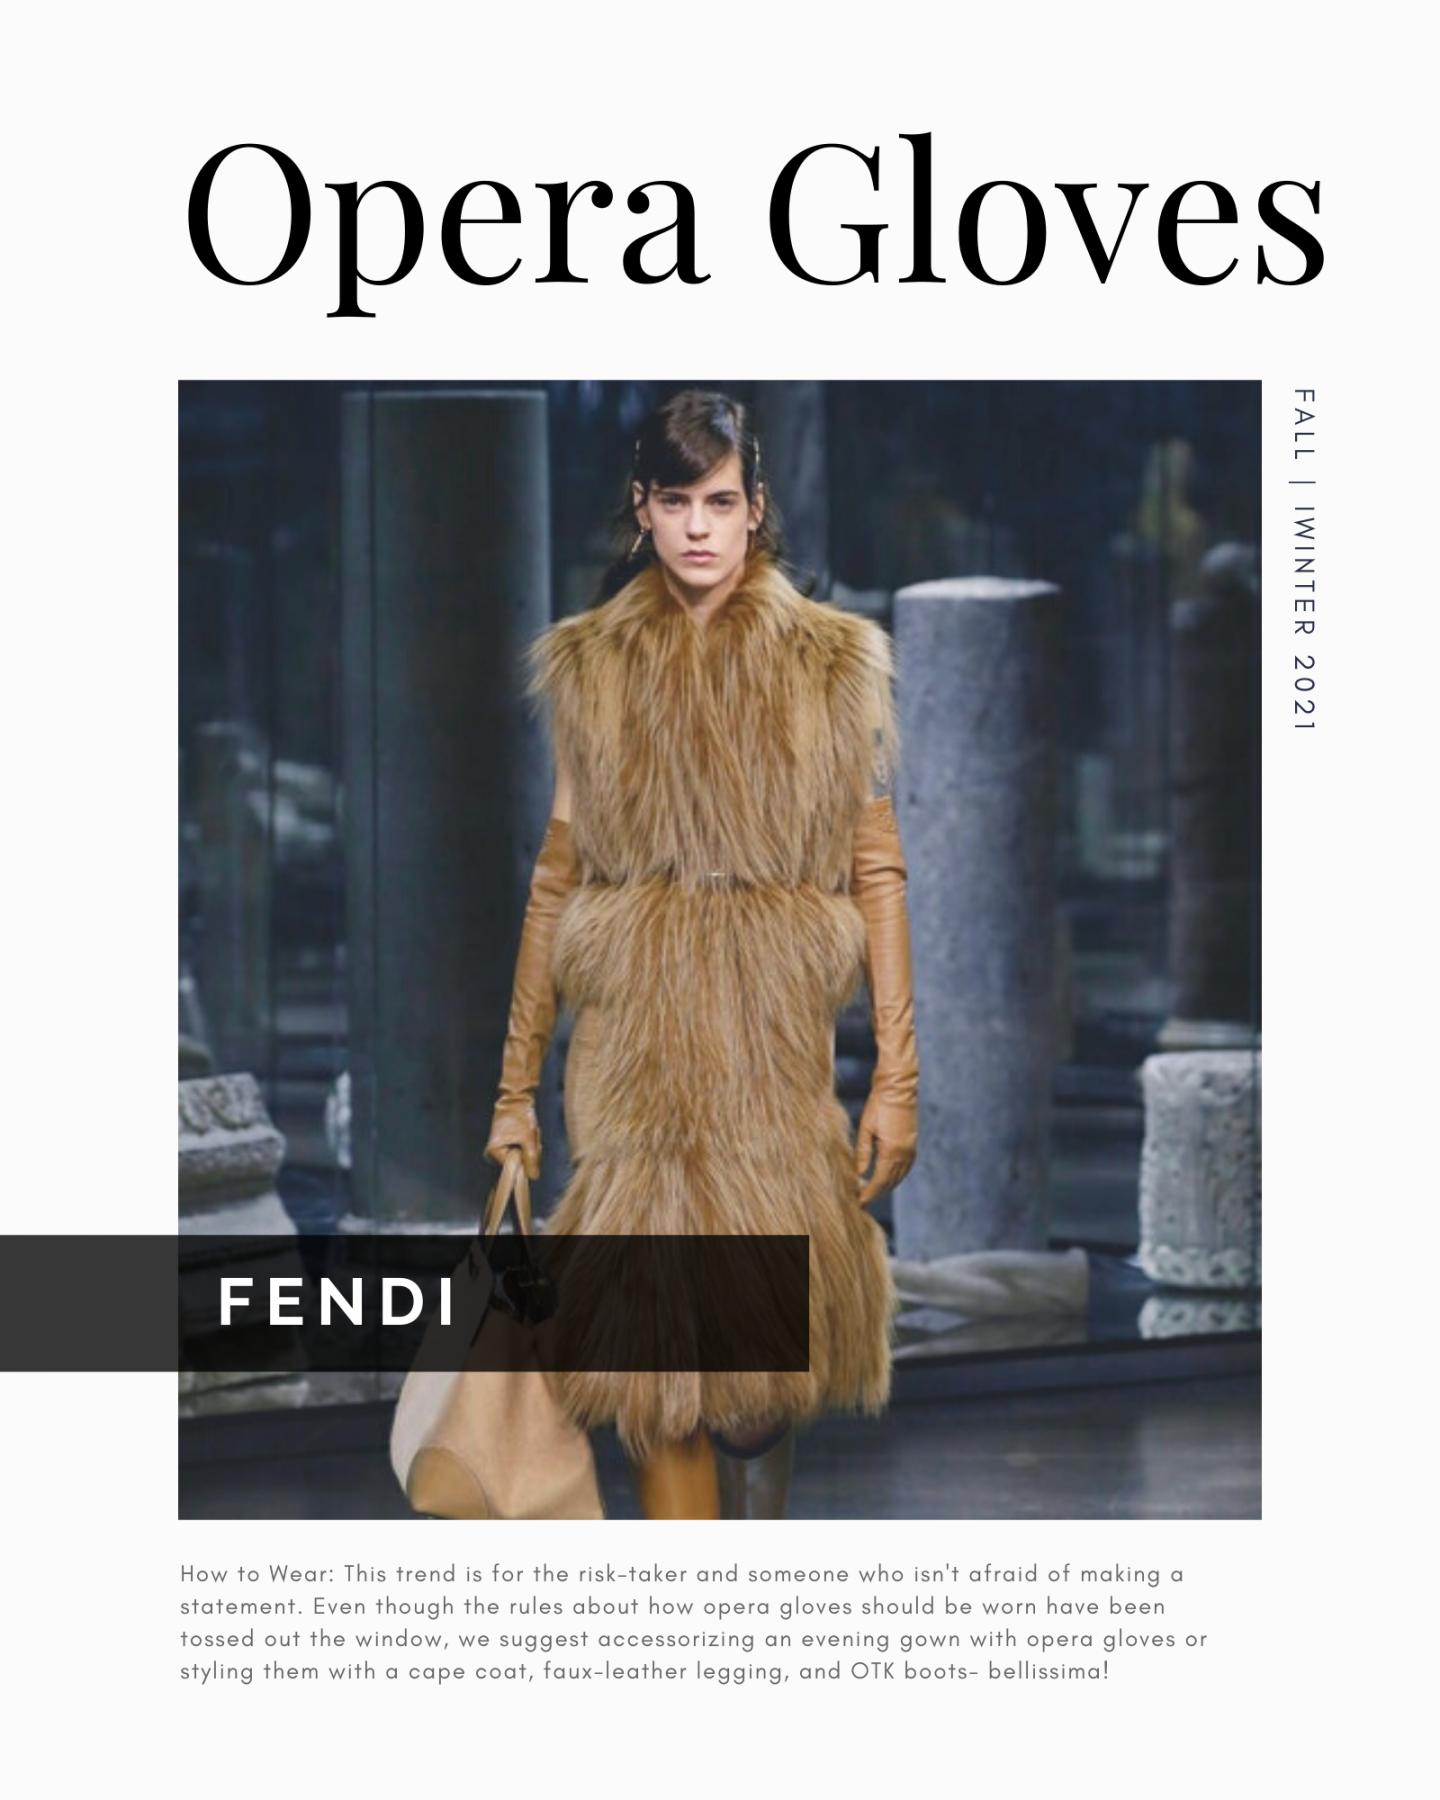 opera gloves styled in Fendi fall winter 2021 look